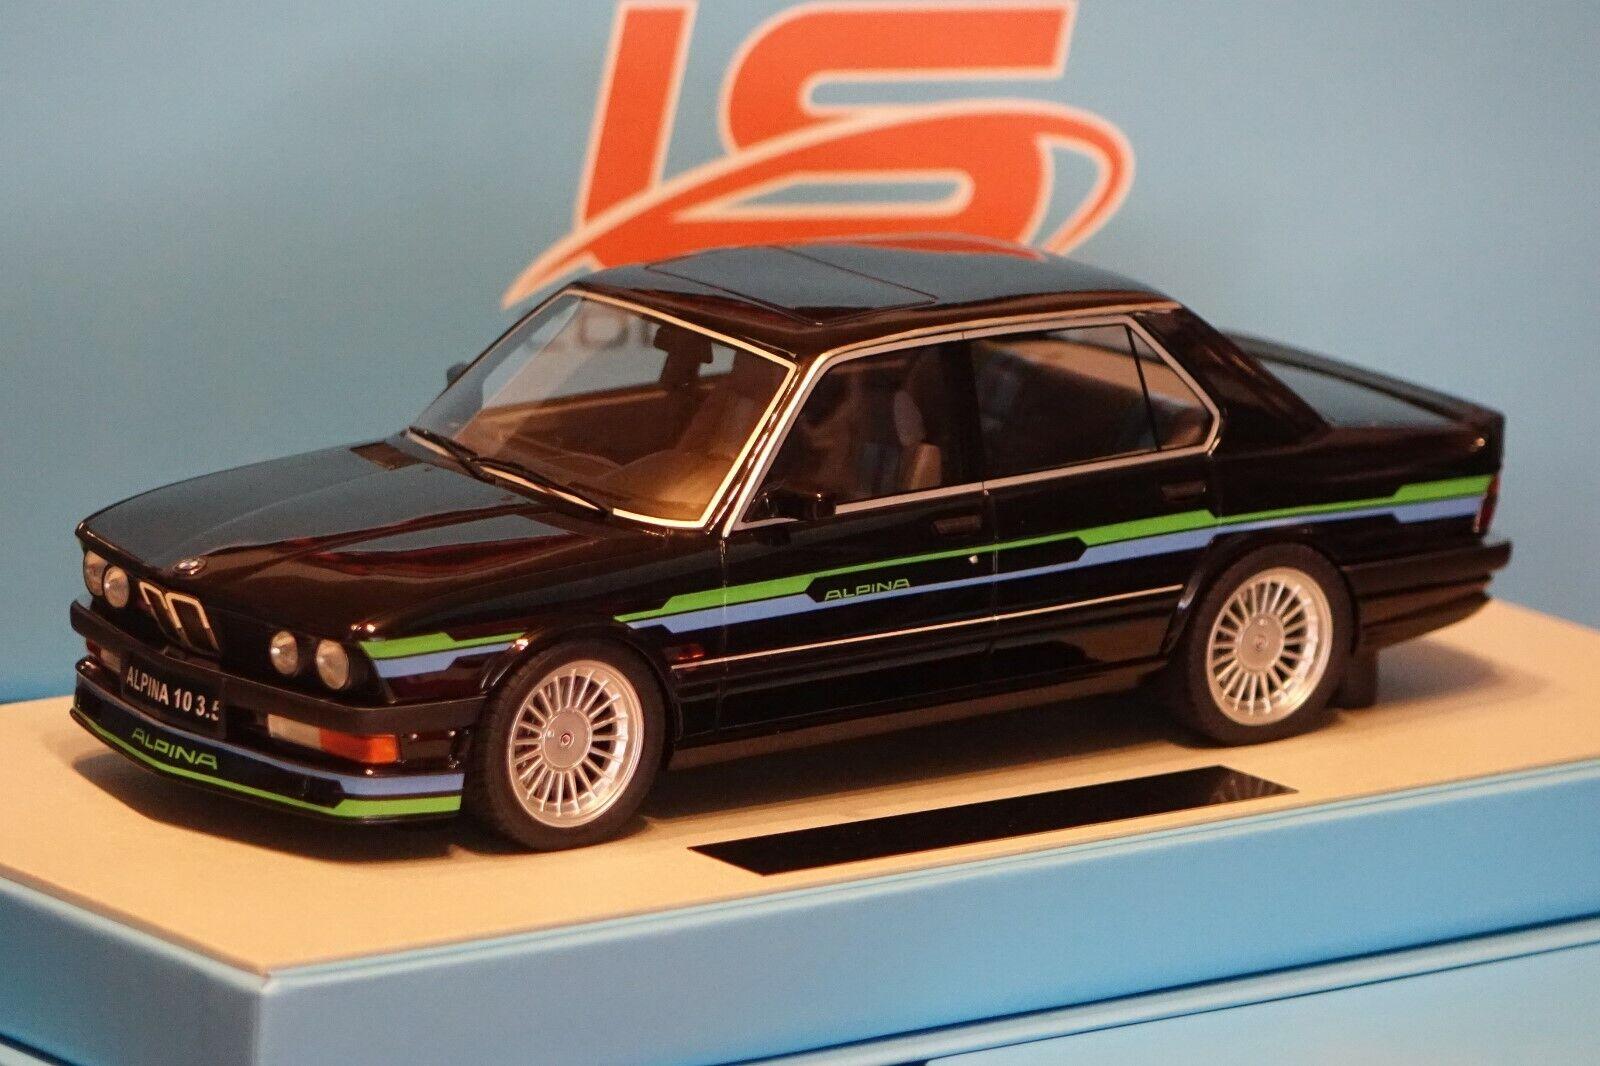 Bmw Alpina b10 3,5 negro 1985 1 of 250 1 18 ls-Collectibles ls044a nuevo & OVP